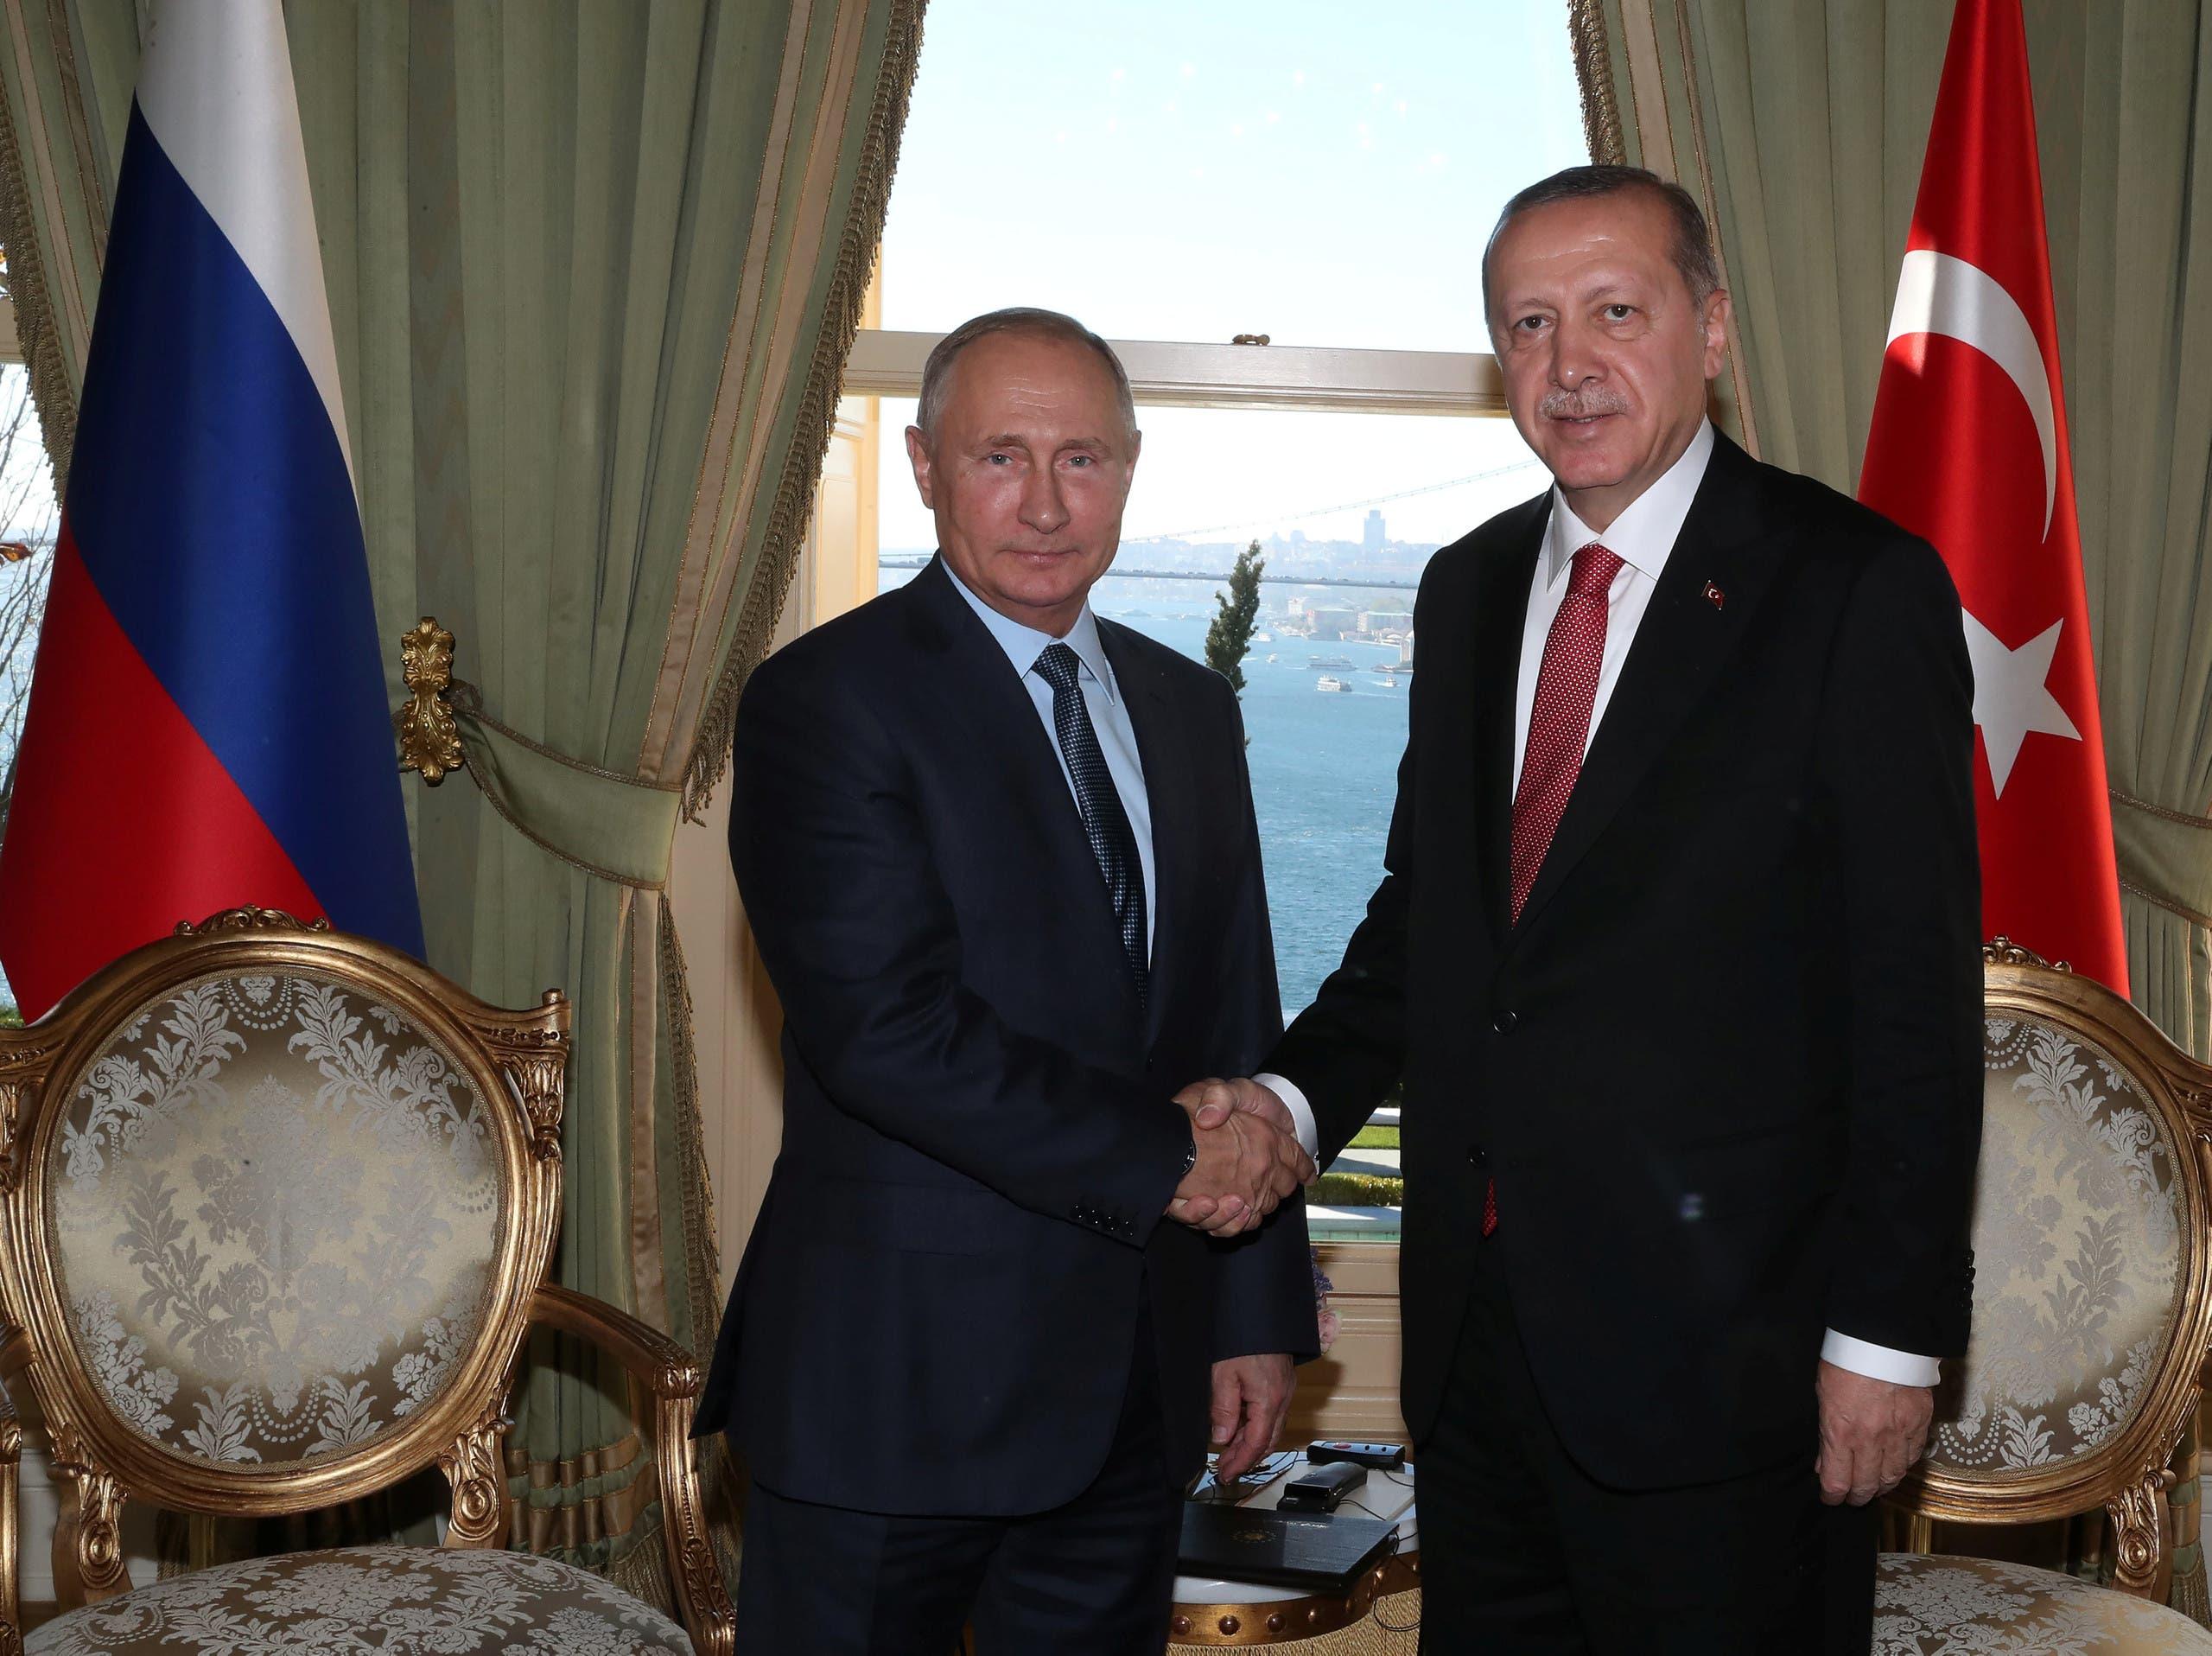 بوتين اردوغان